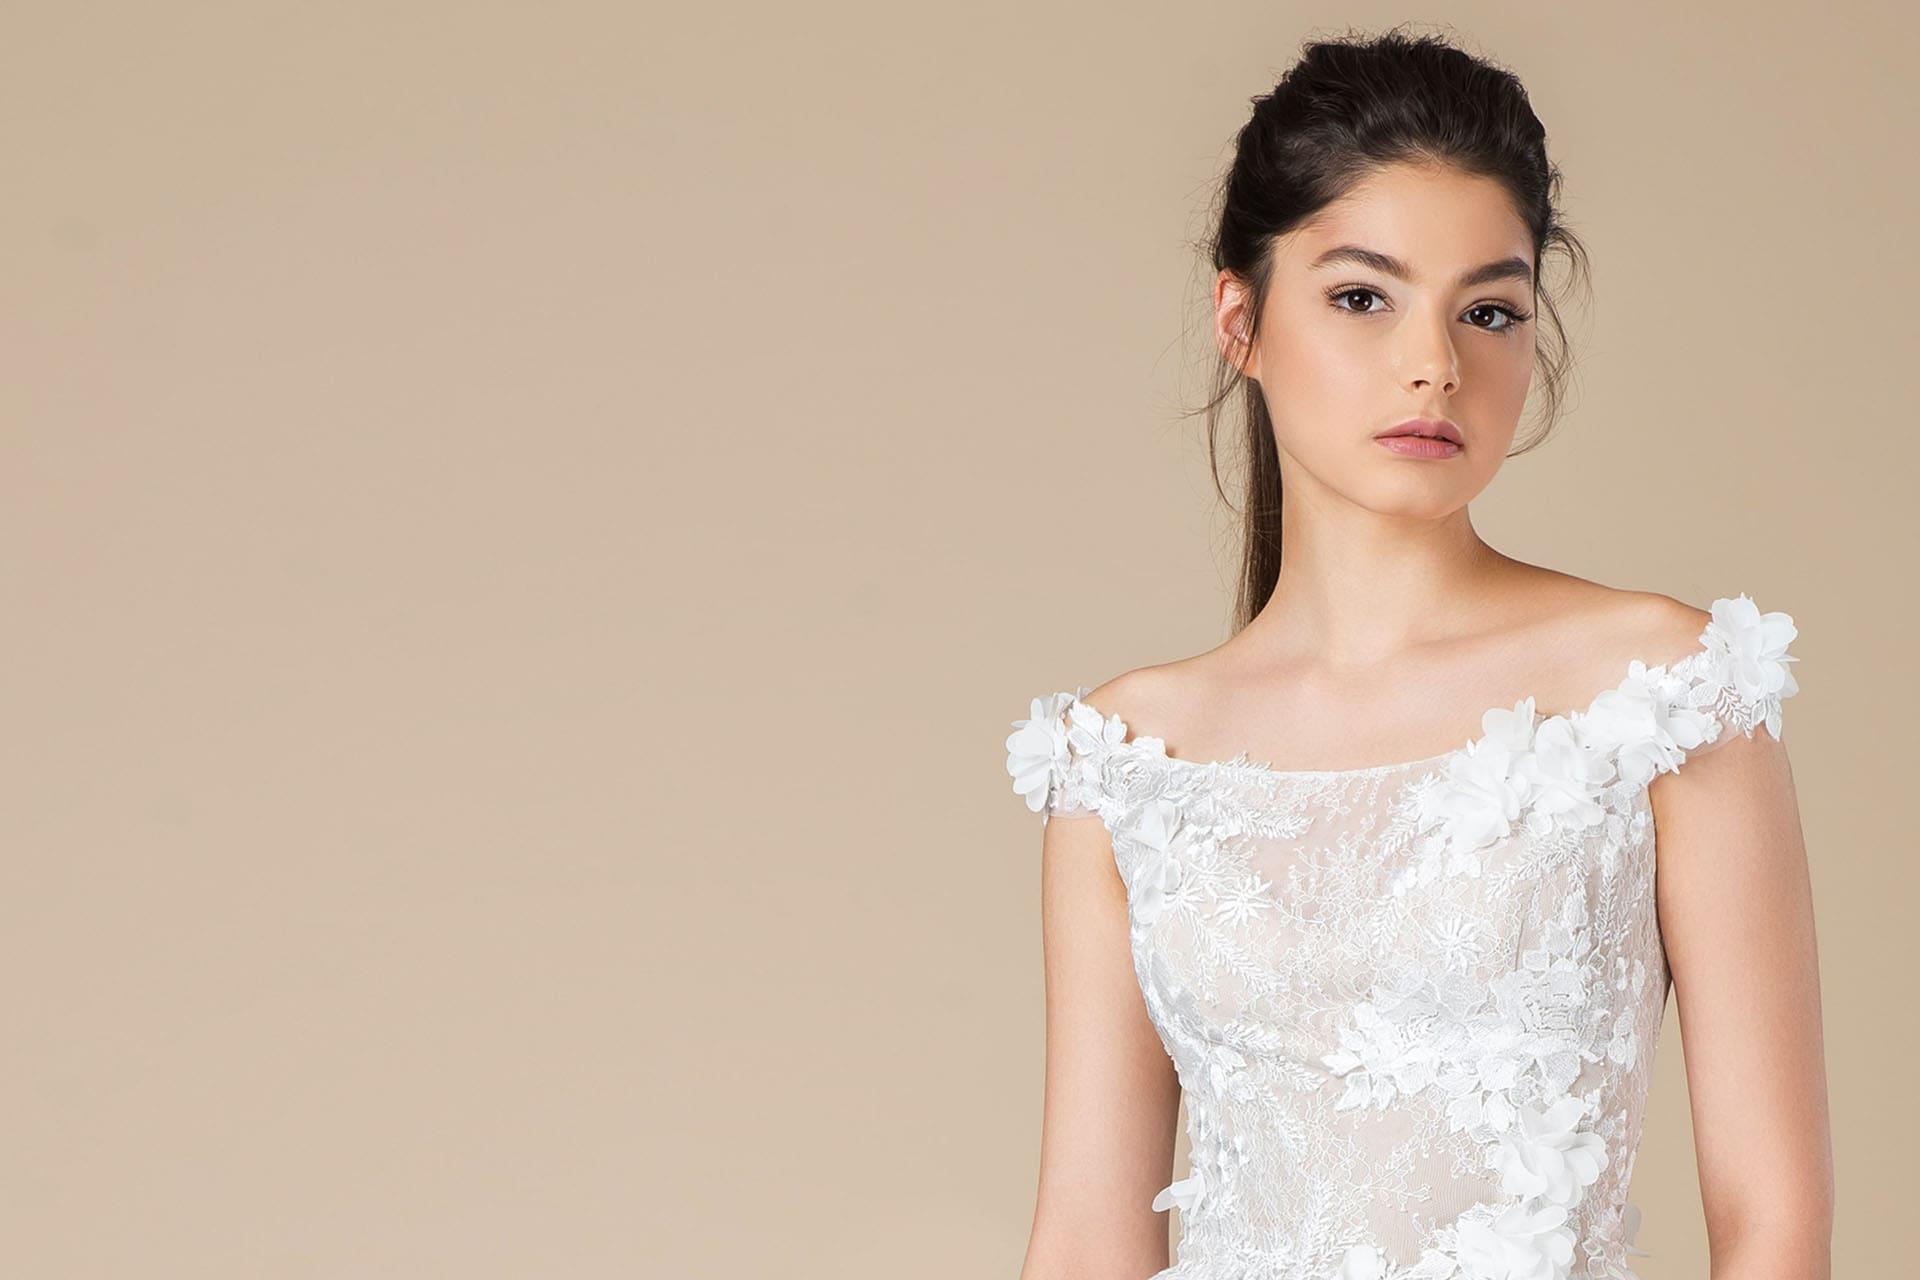 ee5021032a Jelentkezz be hozzánk egy ingyenes, menyasszonyi ruhapróbára!